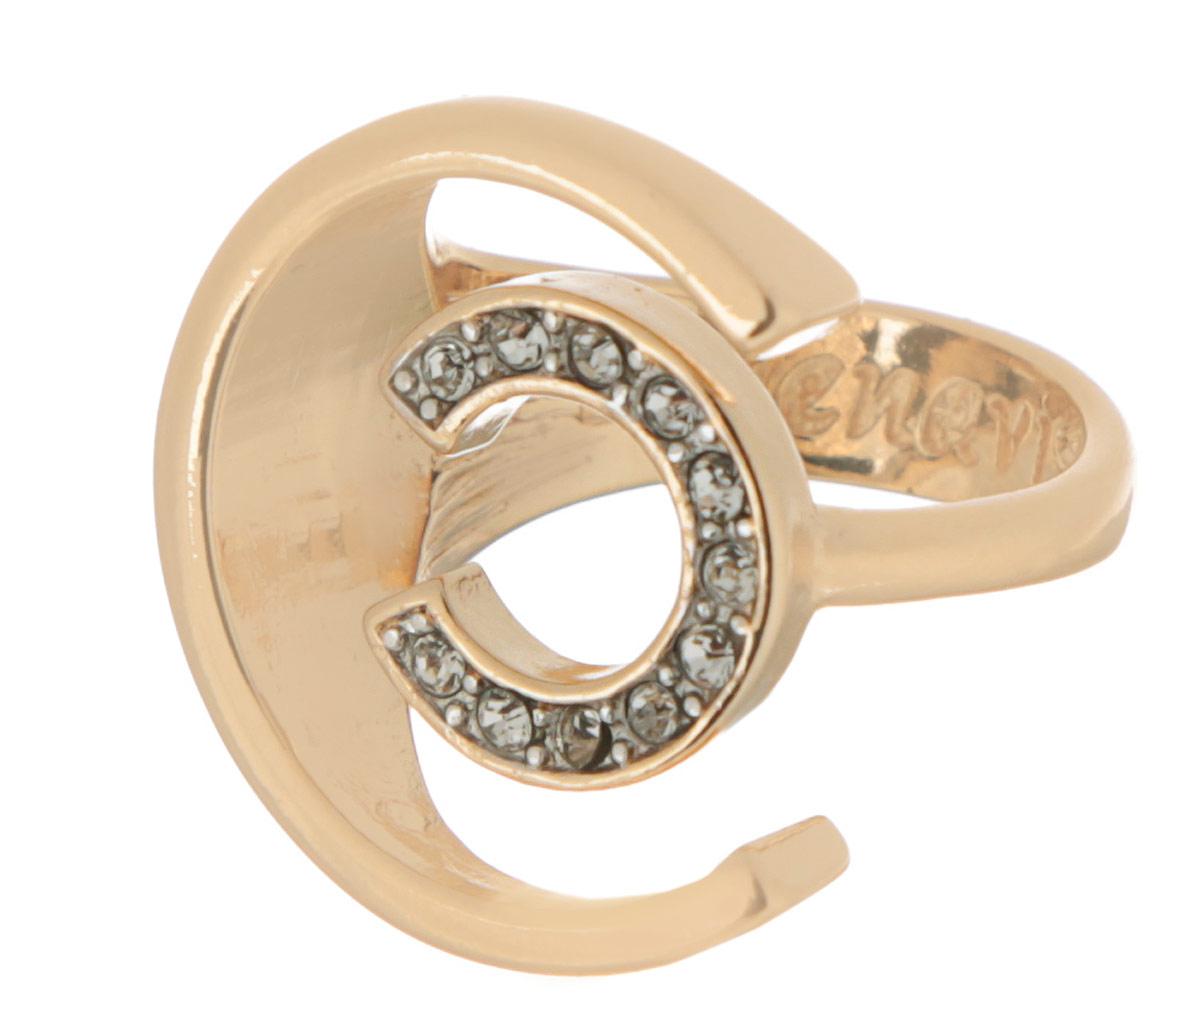 Кольцо Jenavi Форцетия, цвет: золотистый. Размер 20Коктейльное кольцоЭлегантное кольцо Jenavi Форцетия выполнено из антиаллергического ювелирного сплава, покрытого позолотой с родированием. Декоративный элемент выполнен в виде двух полуокружностей разного диаметра, одна из которых инкрустирована гранеными кристаллами Swarovski. Стильное кольцо придаст вашему образу изюминку и подчеркнет индивидуальность.